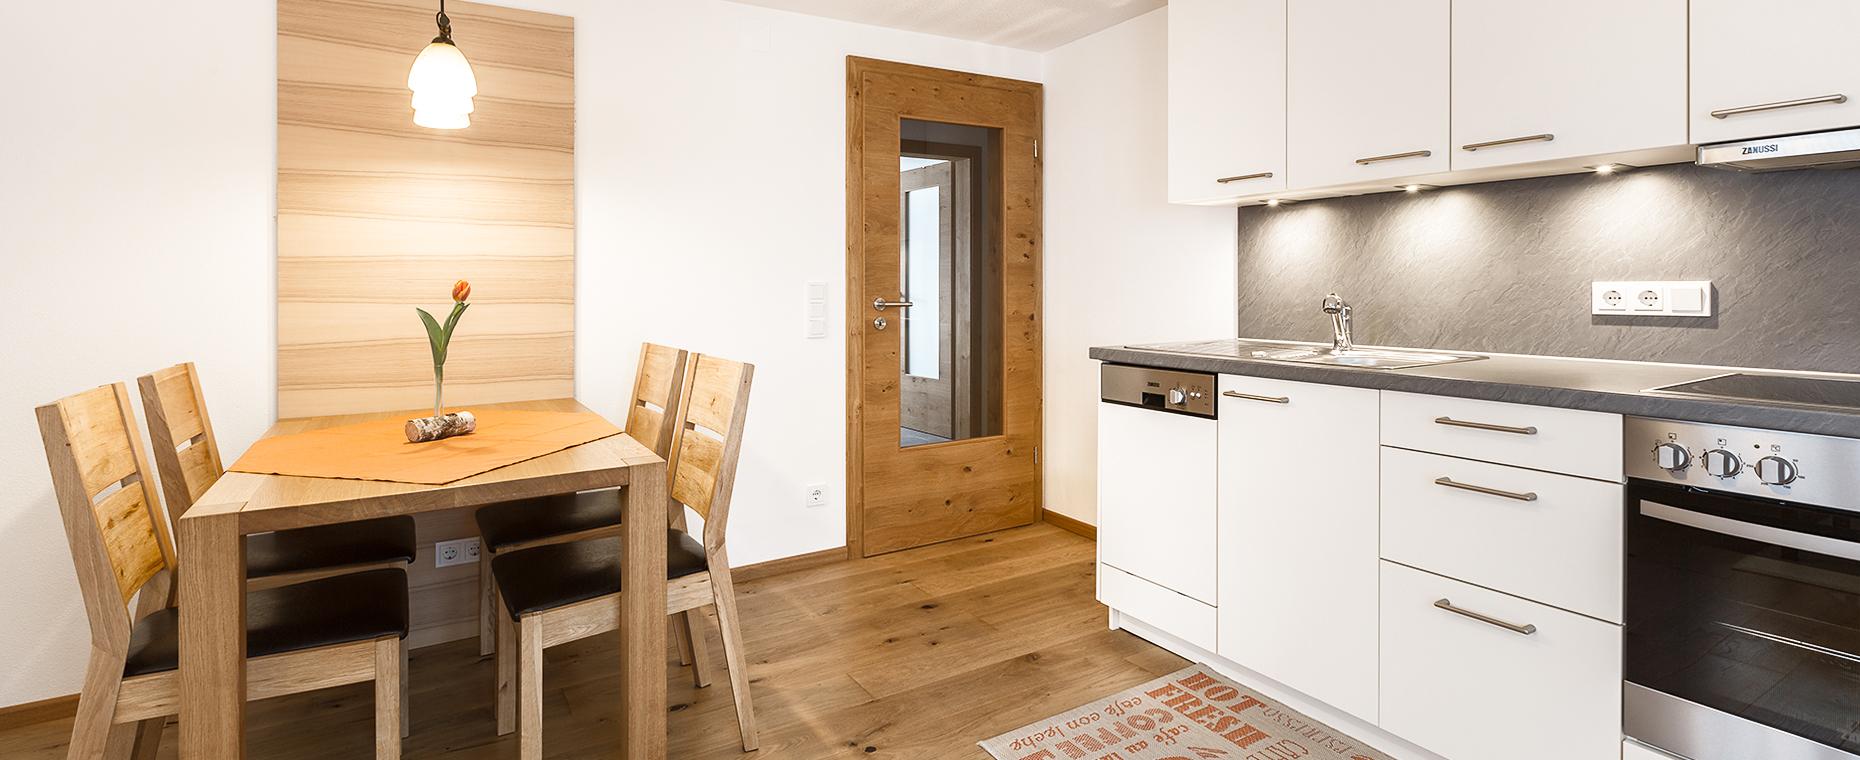 Räume massgeschneidert aus bestem Holz